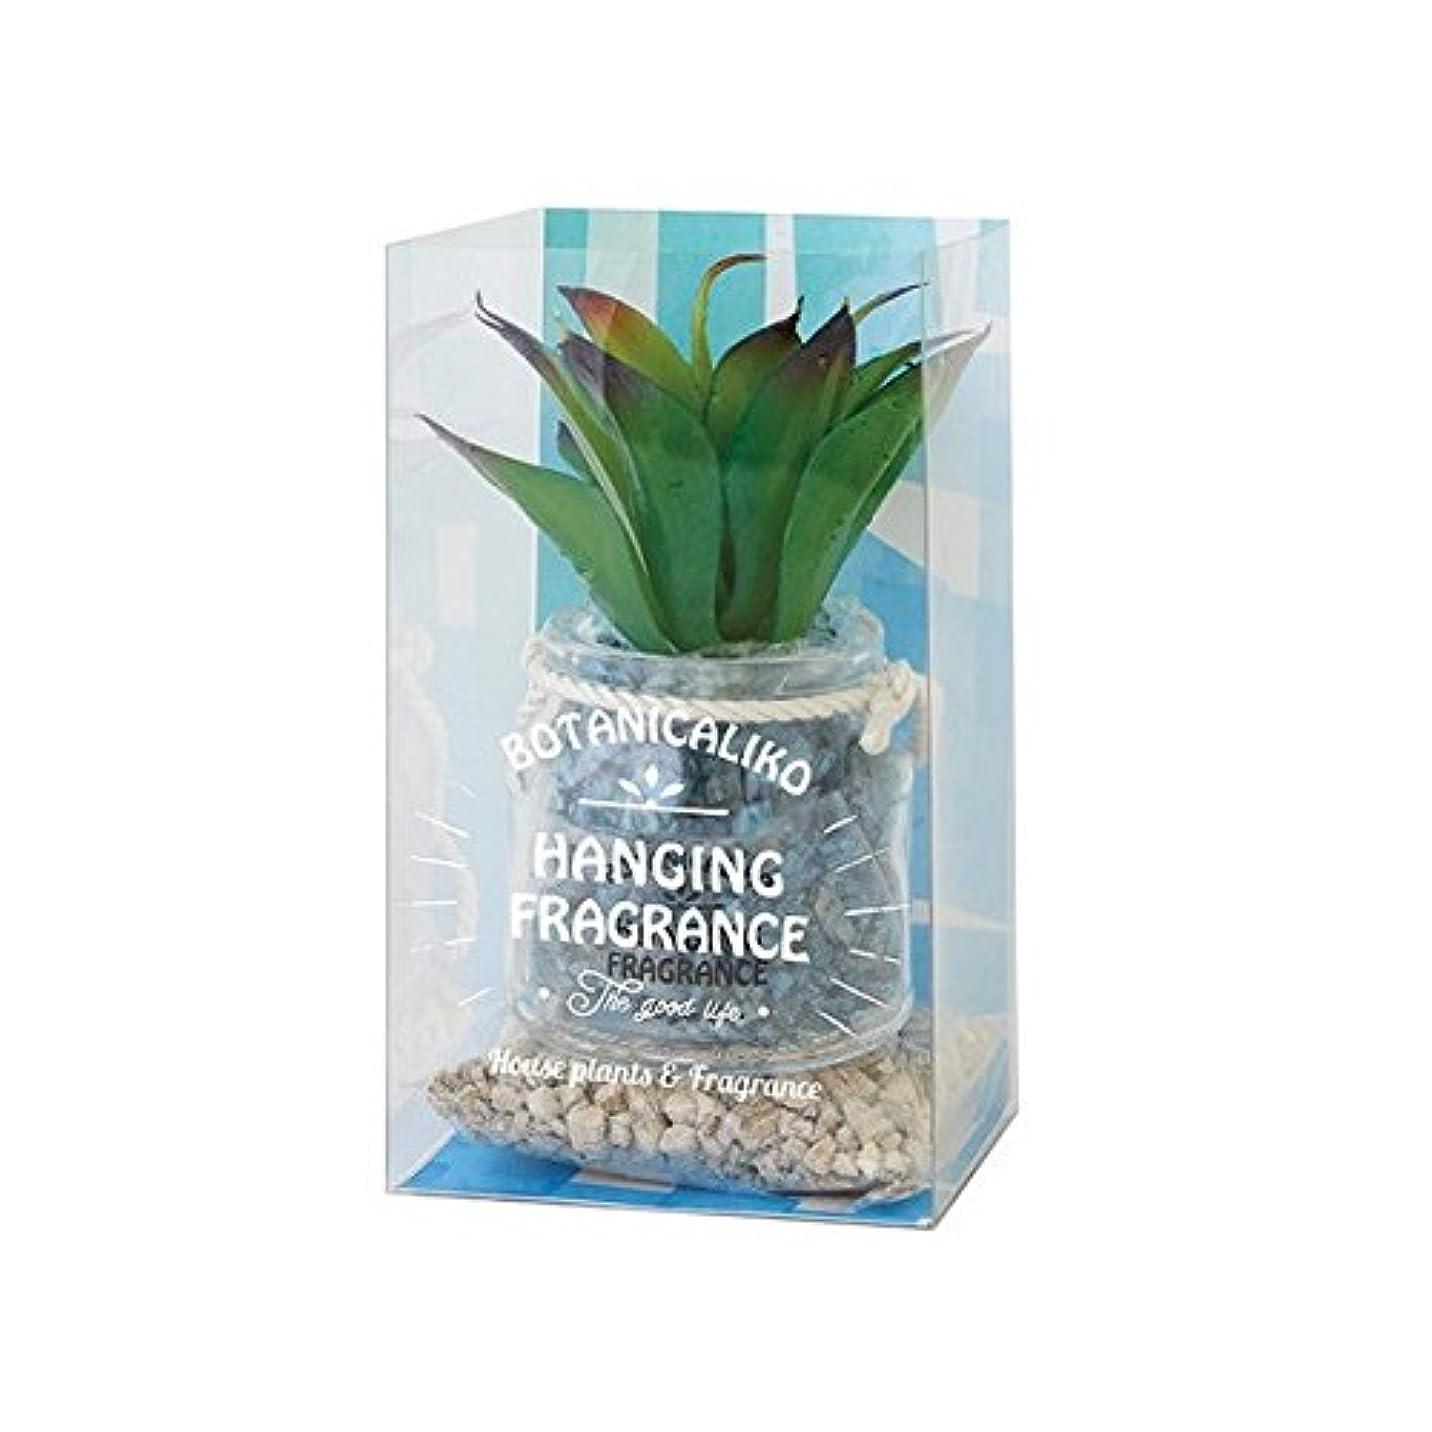 カメヤマキャンドルハウス ボタニカリコ ハンギングフレグランス ブルー (フォレストバスの香り)